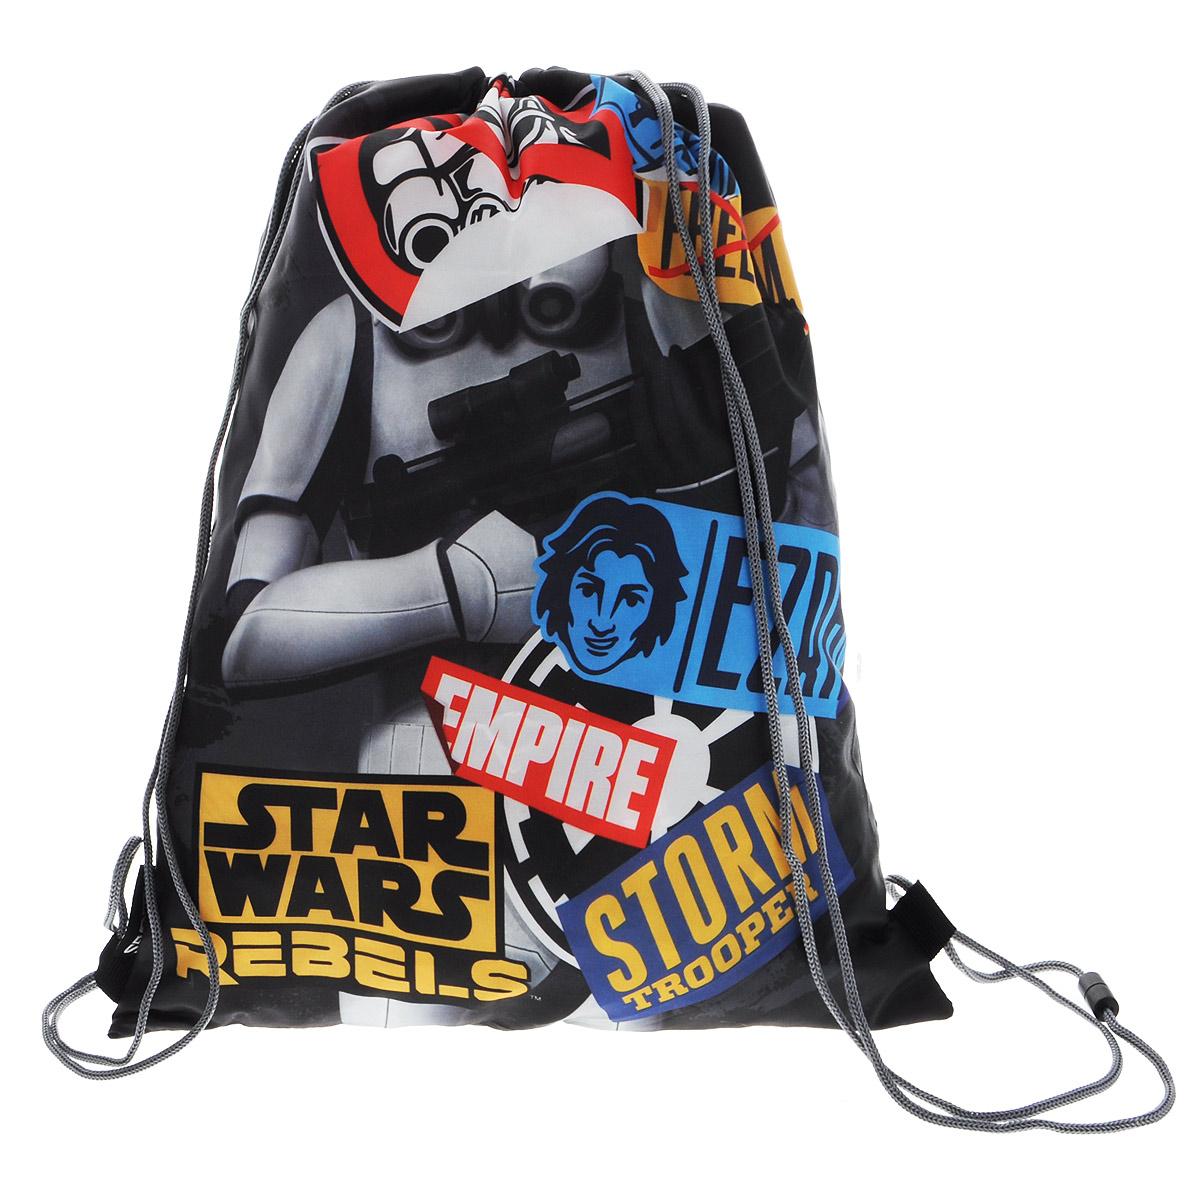 Star Wars Сумка-рюкзак для обуви цвет черно-серый SWCB-MT1-883SWCB-MT1-883Сумка для сменной обуви Star Wars идеально подойдет как для хранения, так и для переноски сменной обуви и одежды. Сумка выполнена из прочного водонепроницаемого полиэстера и содержит одно вместительное отделение, затягивающееся с помощью текстильных шнурков. Шнурки фиксируются в нижней части сумки, благодаря чему ее можно носить за спиной как рюкзак. Оформлено изделие изображением героя из фильма Звездные войны. Ваш ребенок с радостью будет ходить с таким аксессуаром в школу.